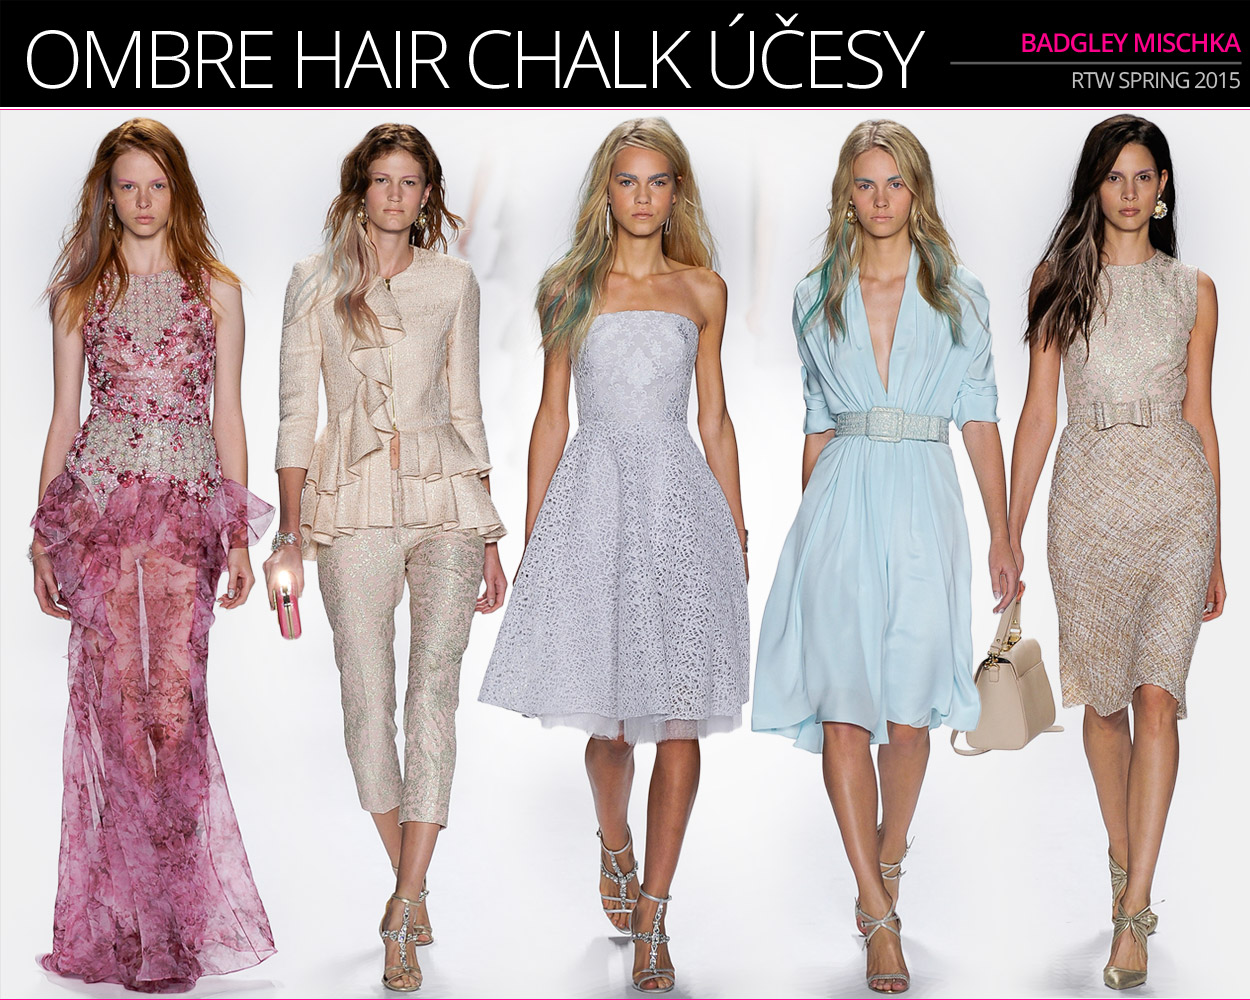 Módní kolekce RTW Badgley Mischka S/S 2015 a ombre hair chalk účesy.